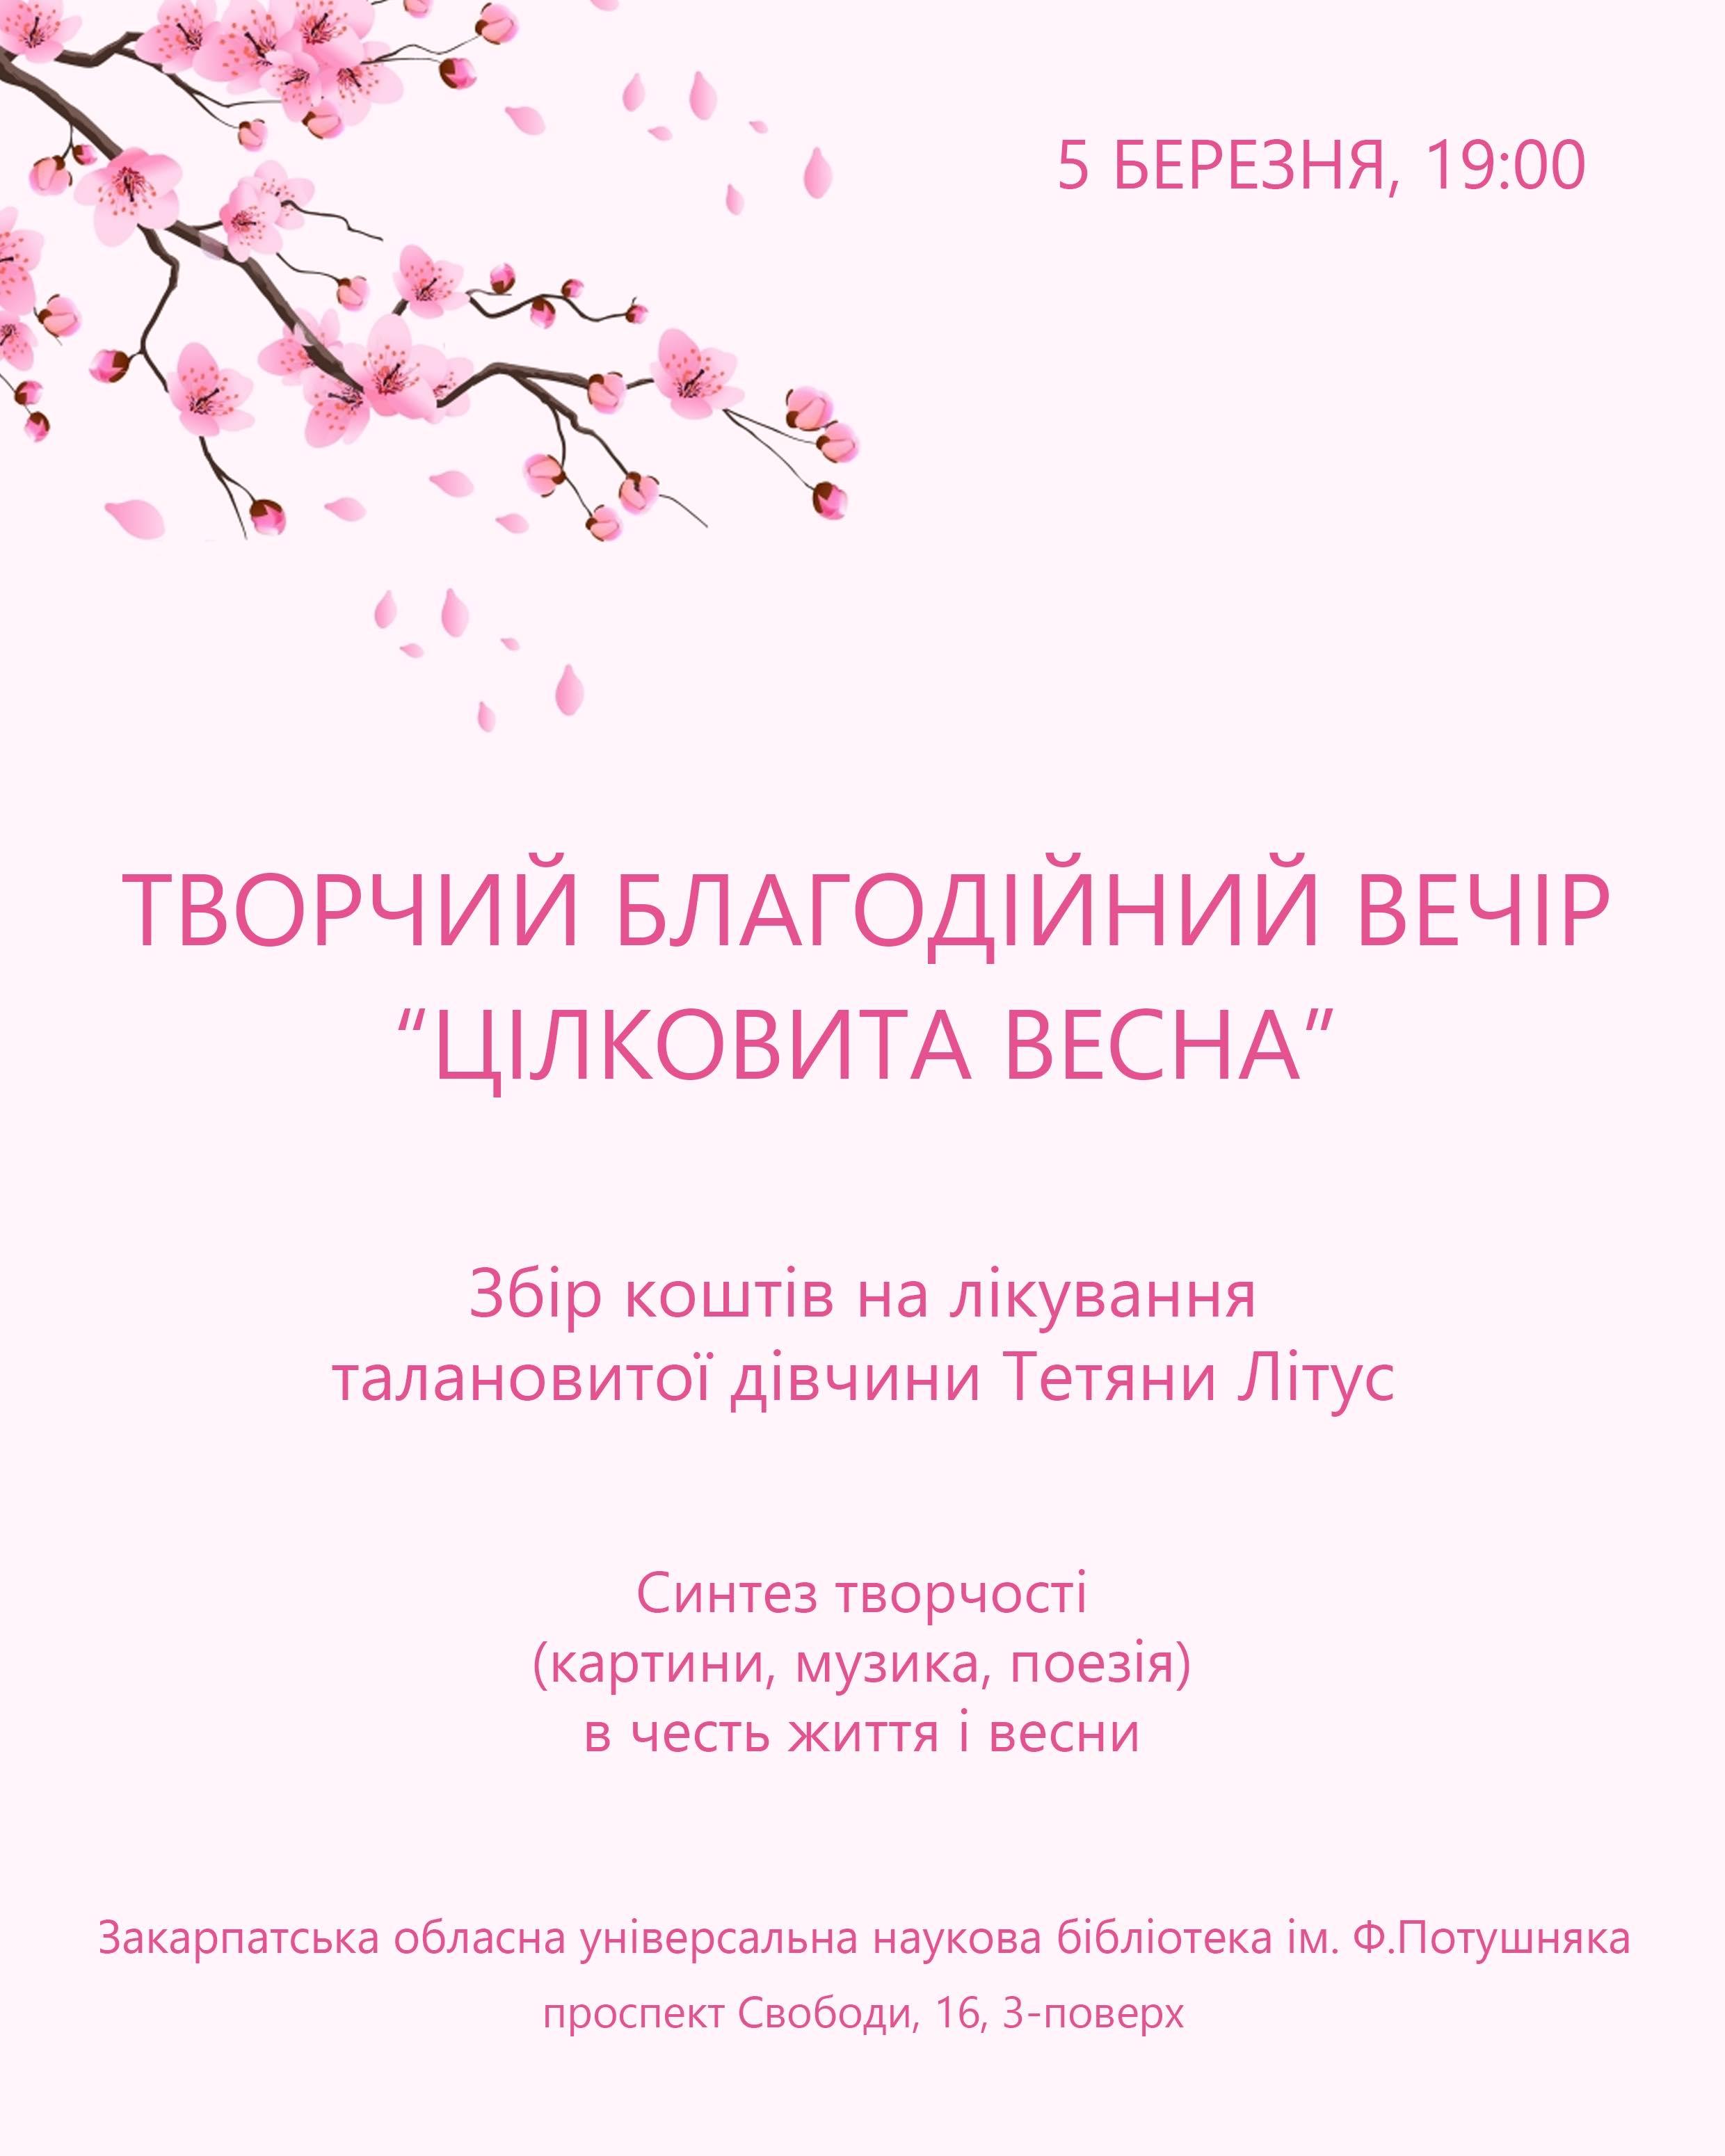 У четвер, 5 березня, о 19:00 в Закарпатській обласній універсальній науковій бібліотеці ім. Ф.Потушняка відбудеться благодійний творчий вечір